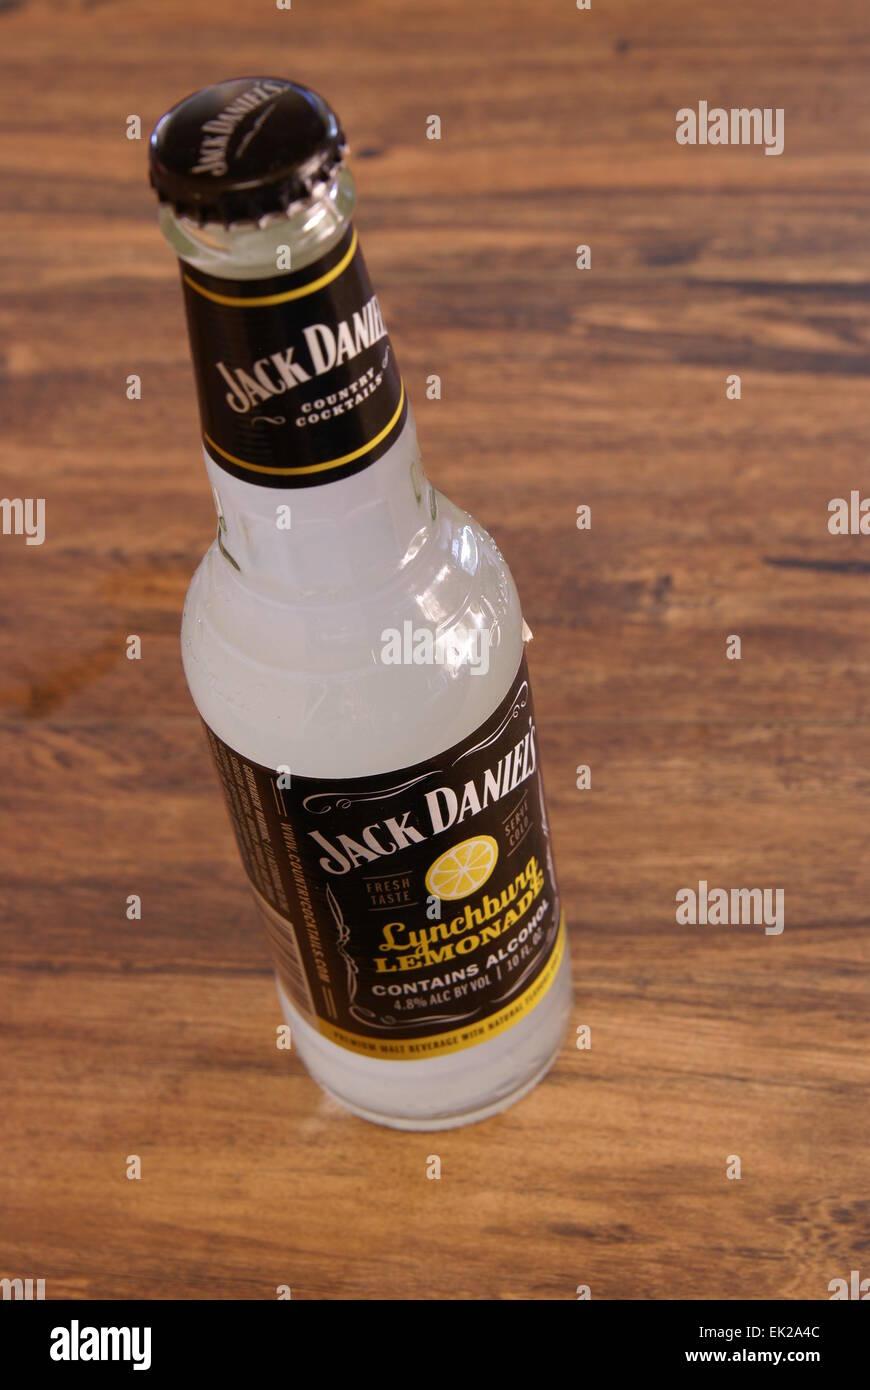 lemonade dani daniels